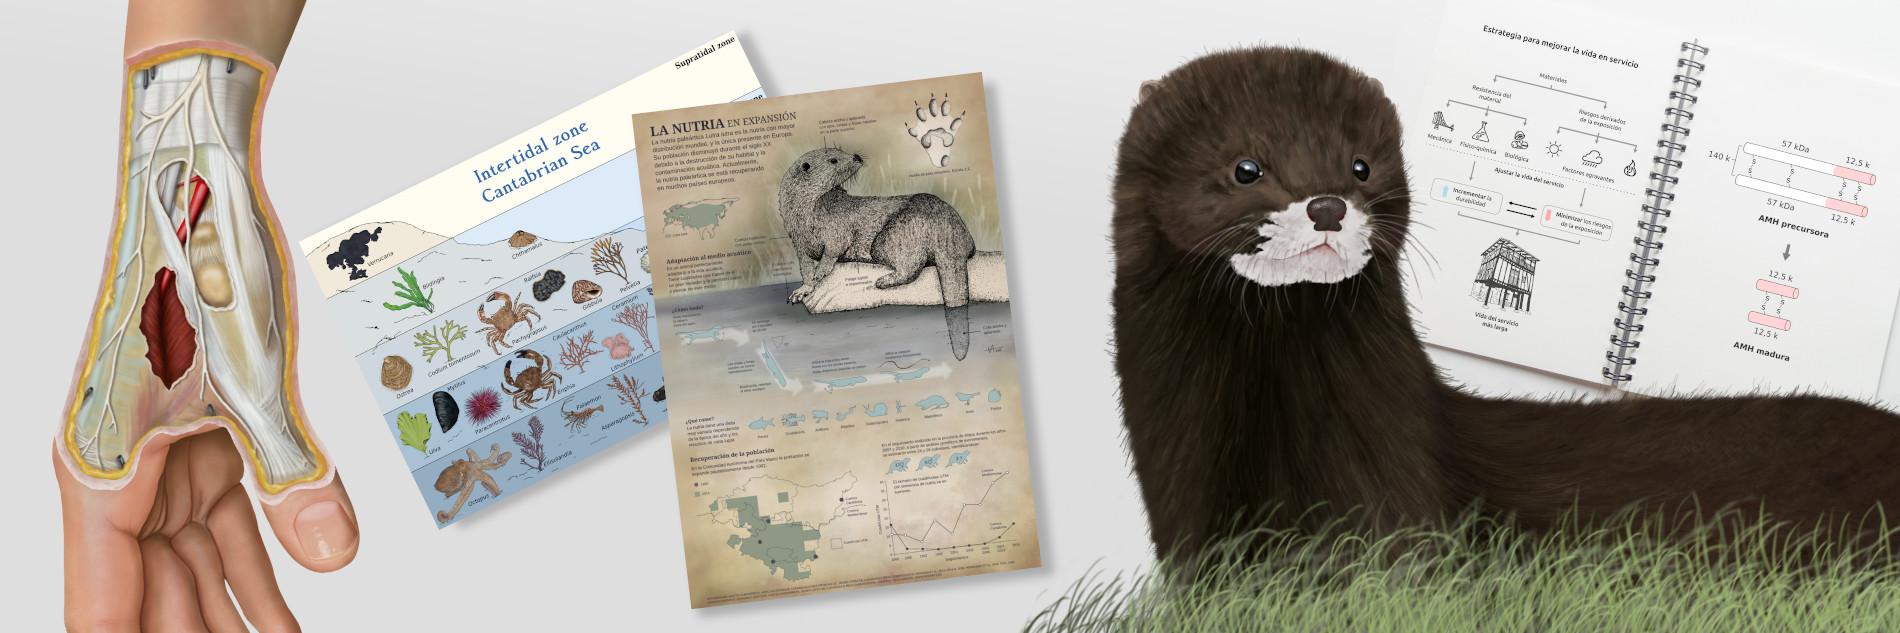 scientific illustrations de NorArte Visual Science